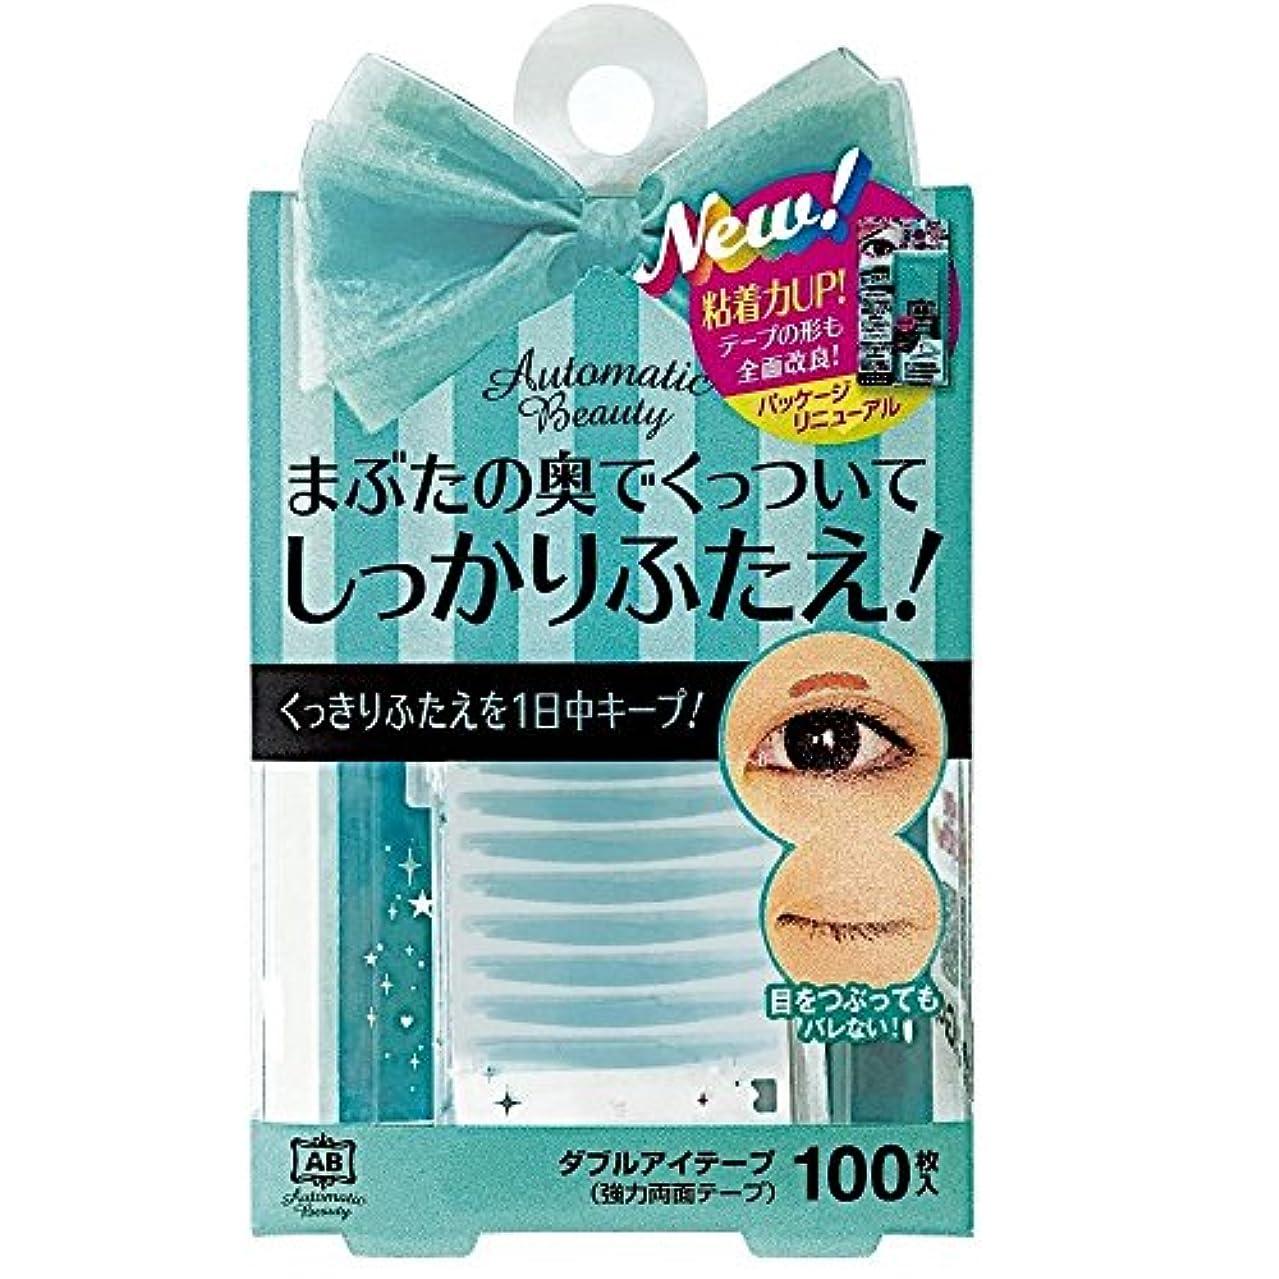 側面キャンディー個人的なAutomatic Beauty(オートマティックビューティ) ダブルアイテープ 100枚